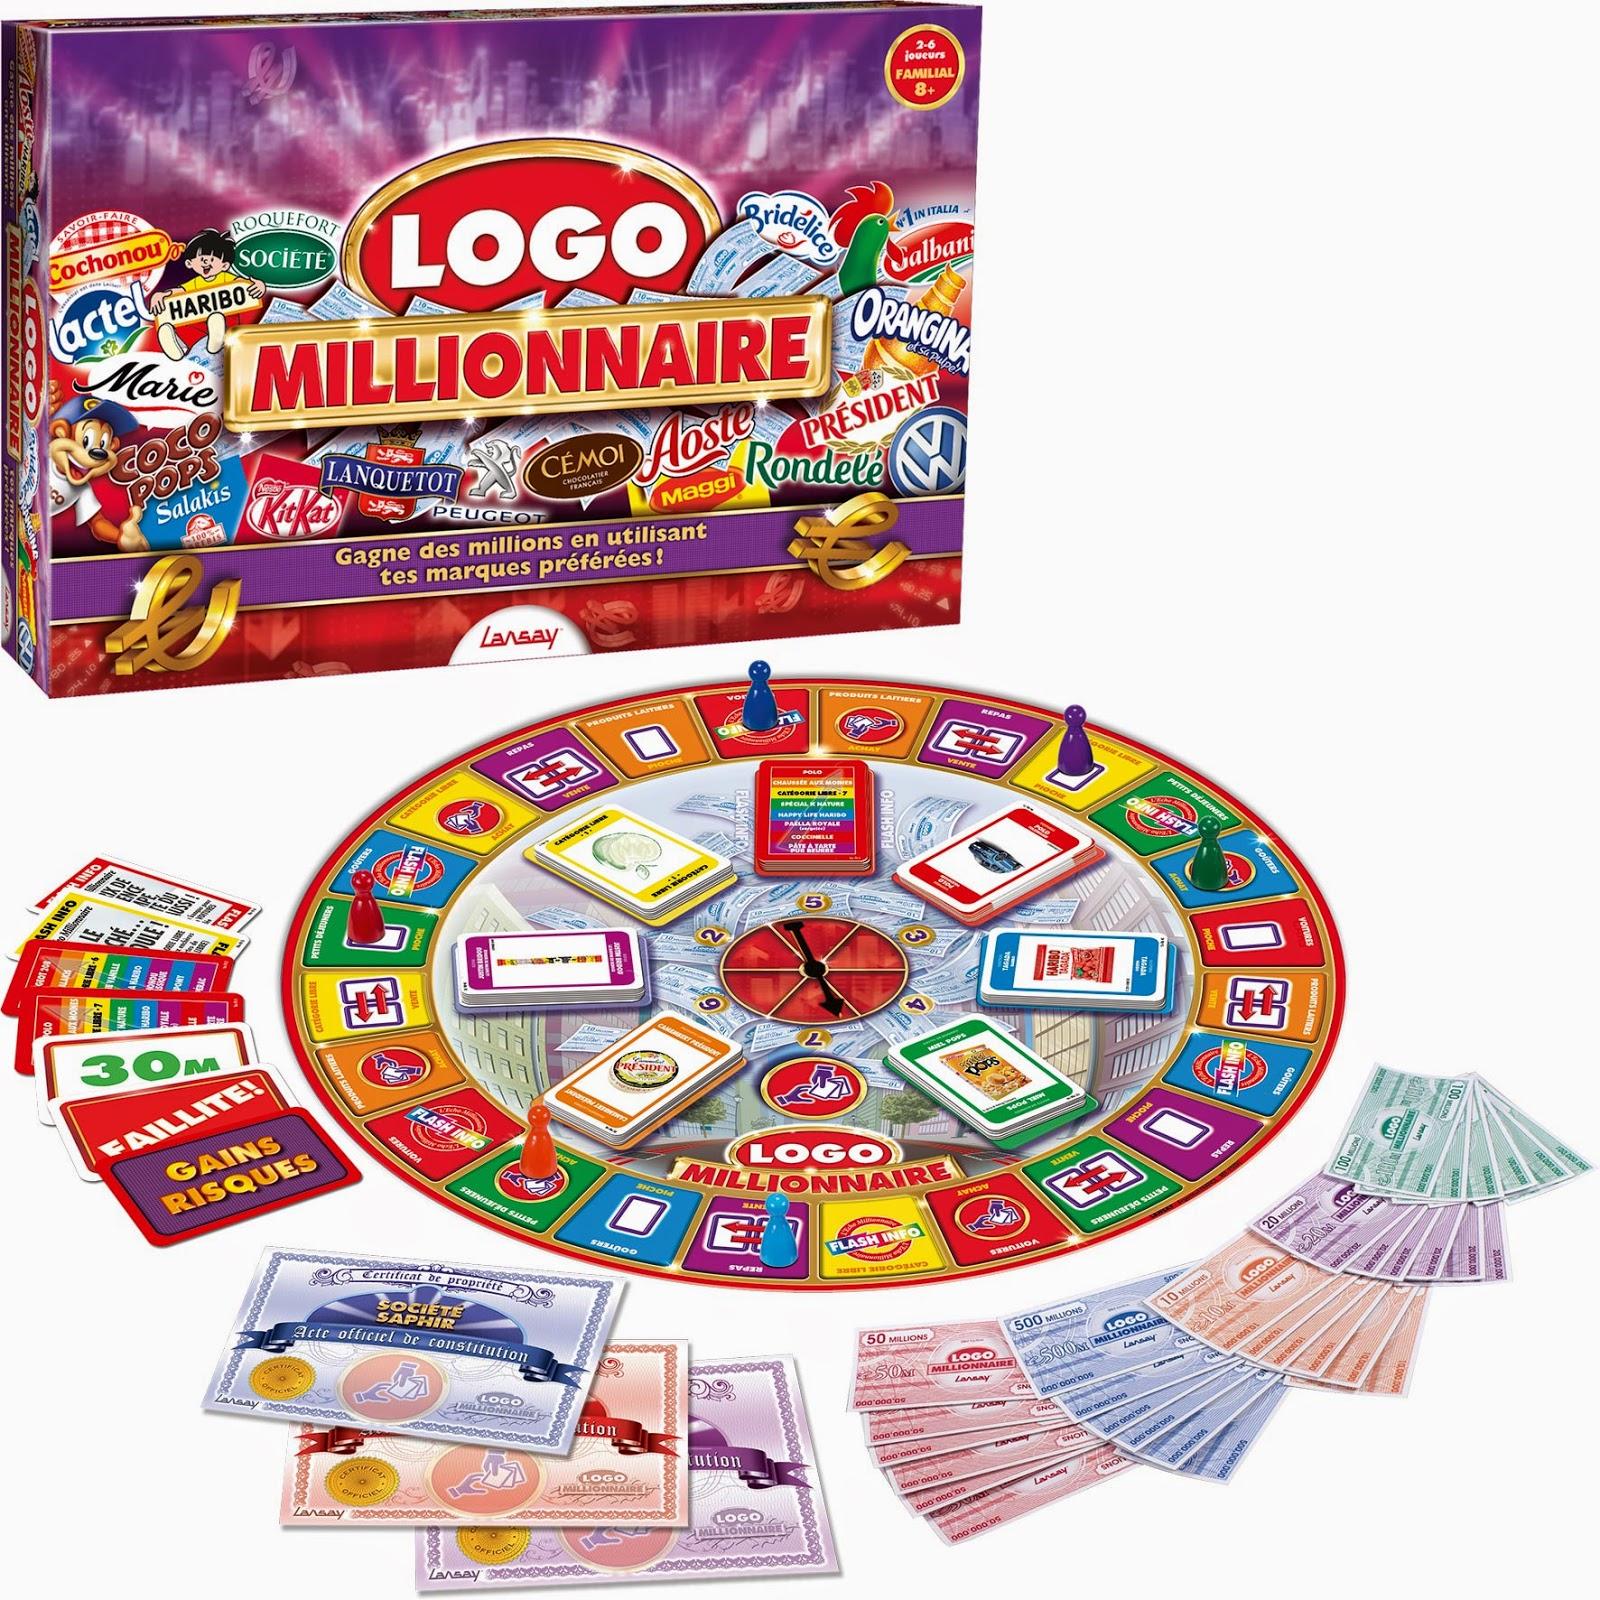 jeu logo millionnaire, avis logo millionnaire